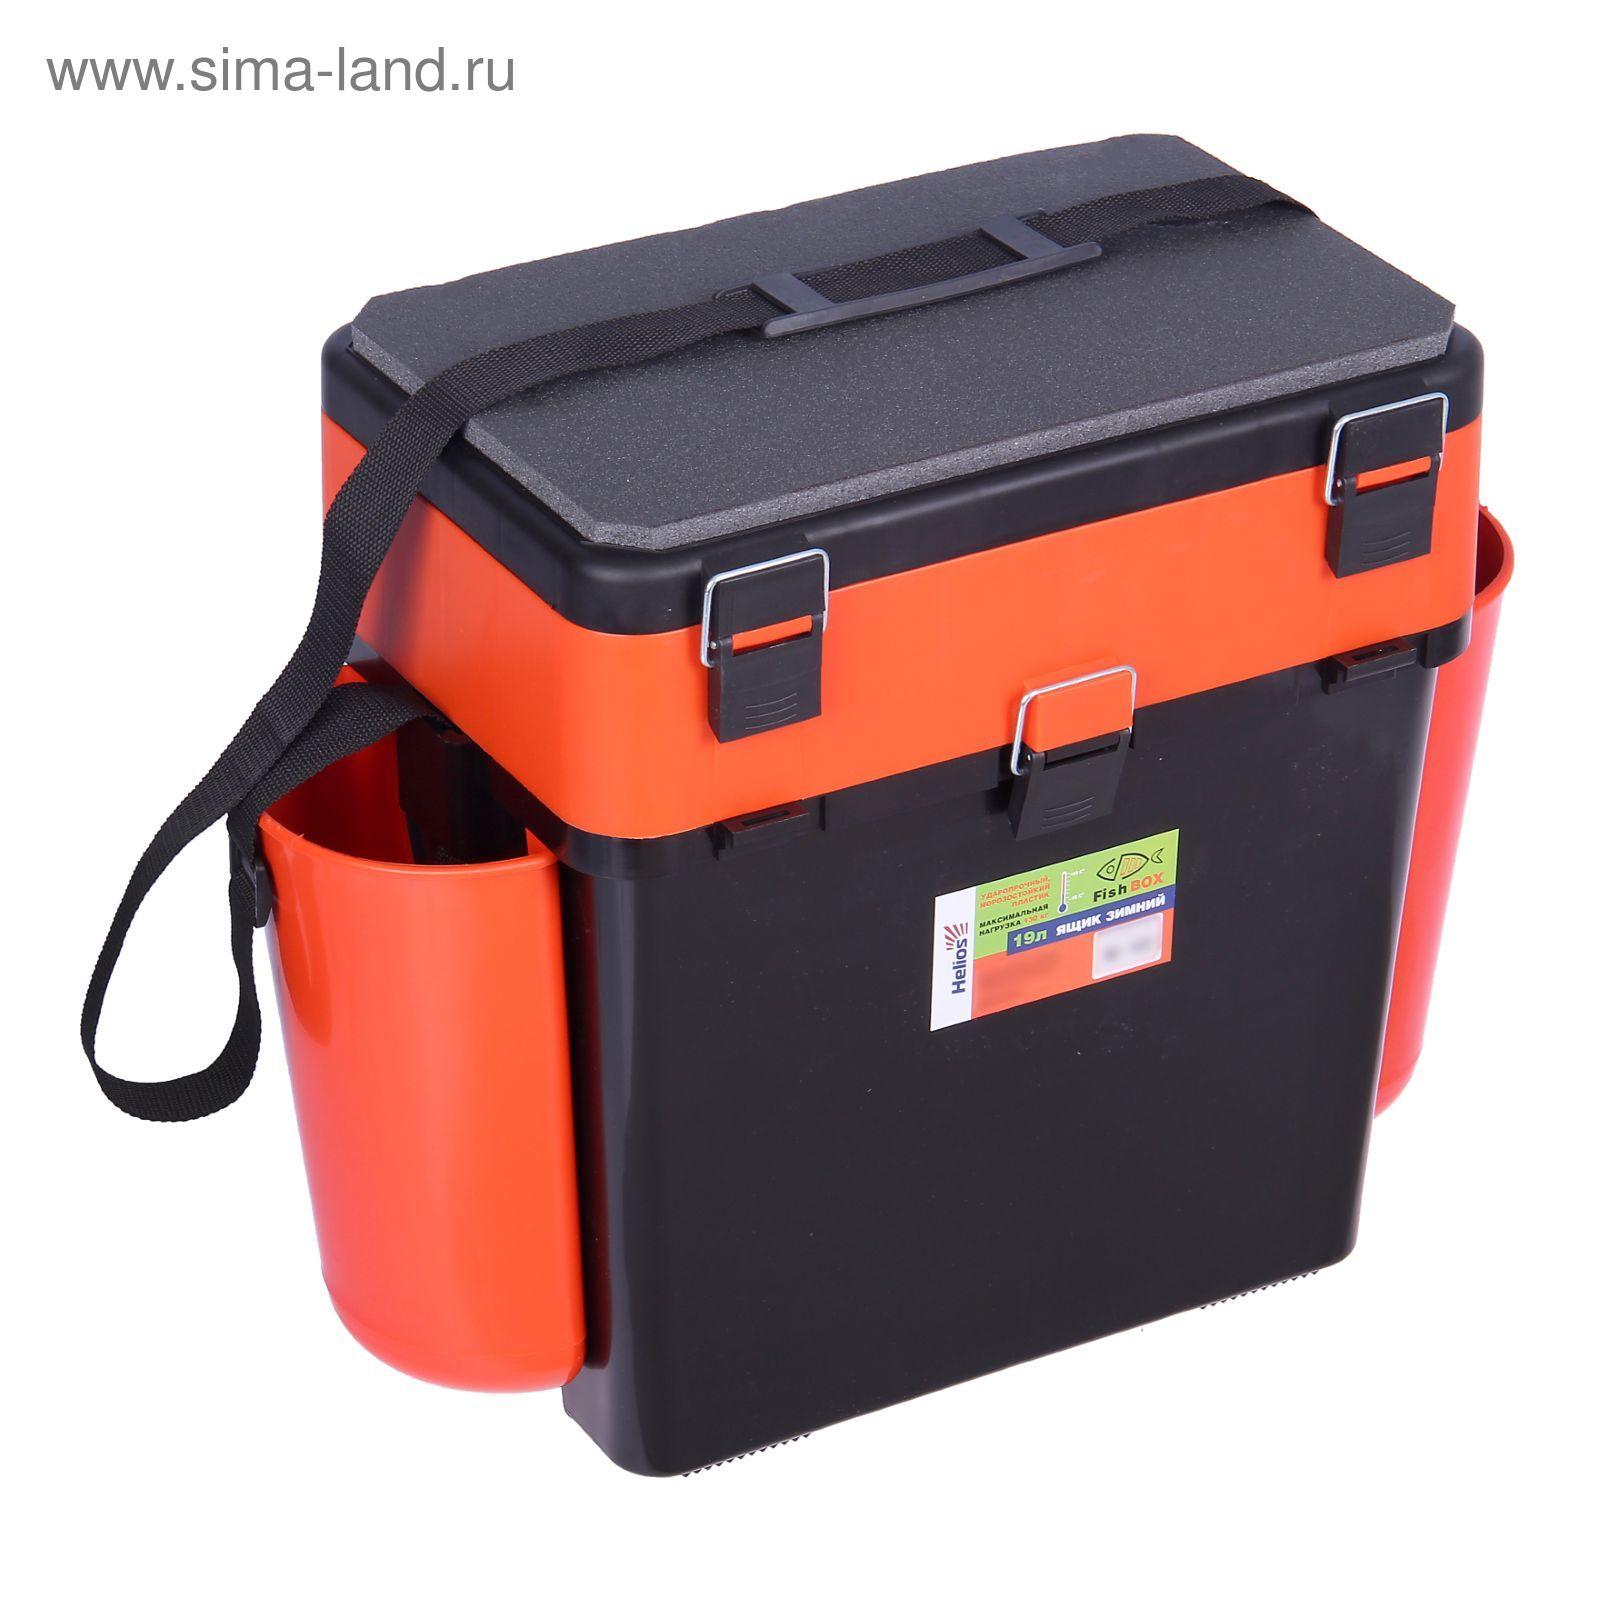 Зимний ящик FishBox (19л) зел.оранж.(Helios)